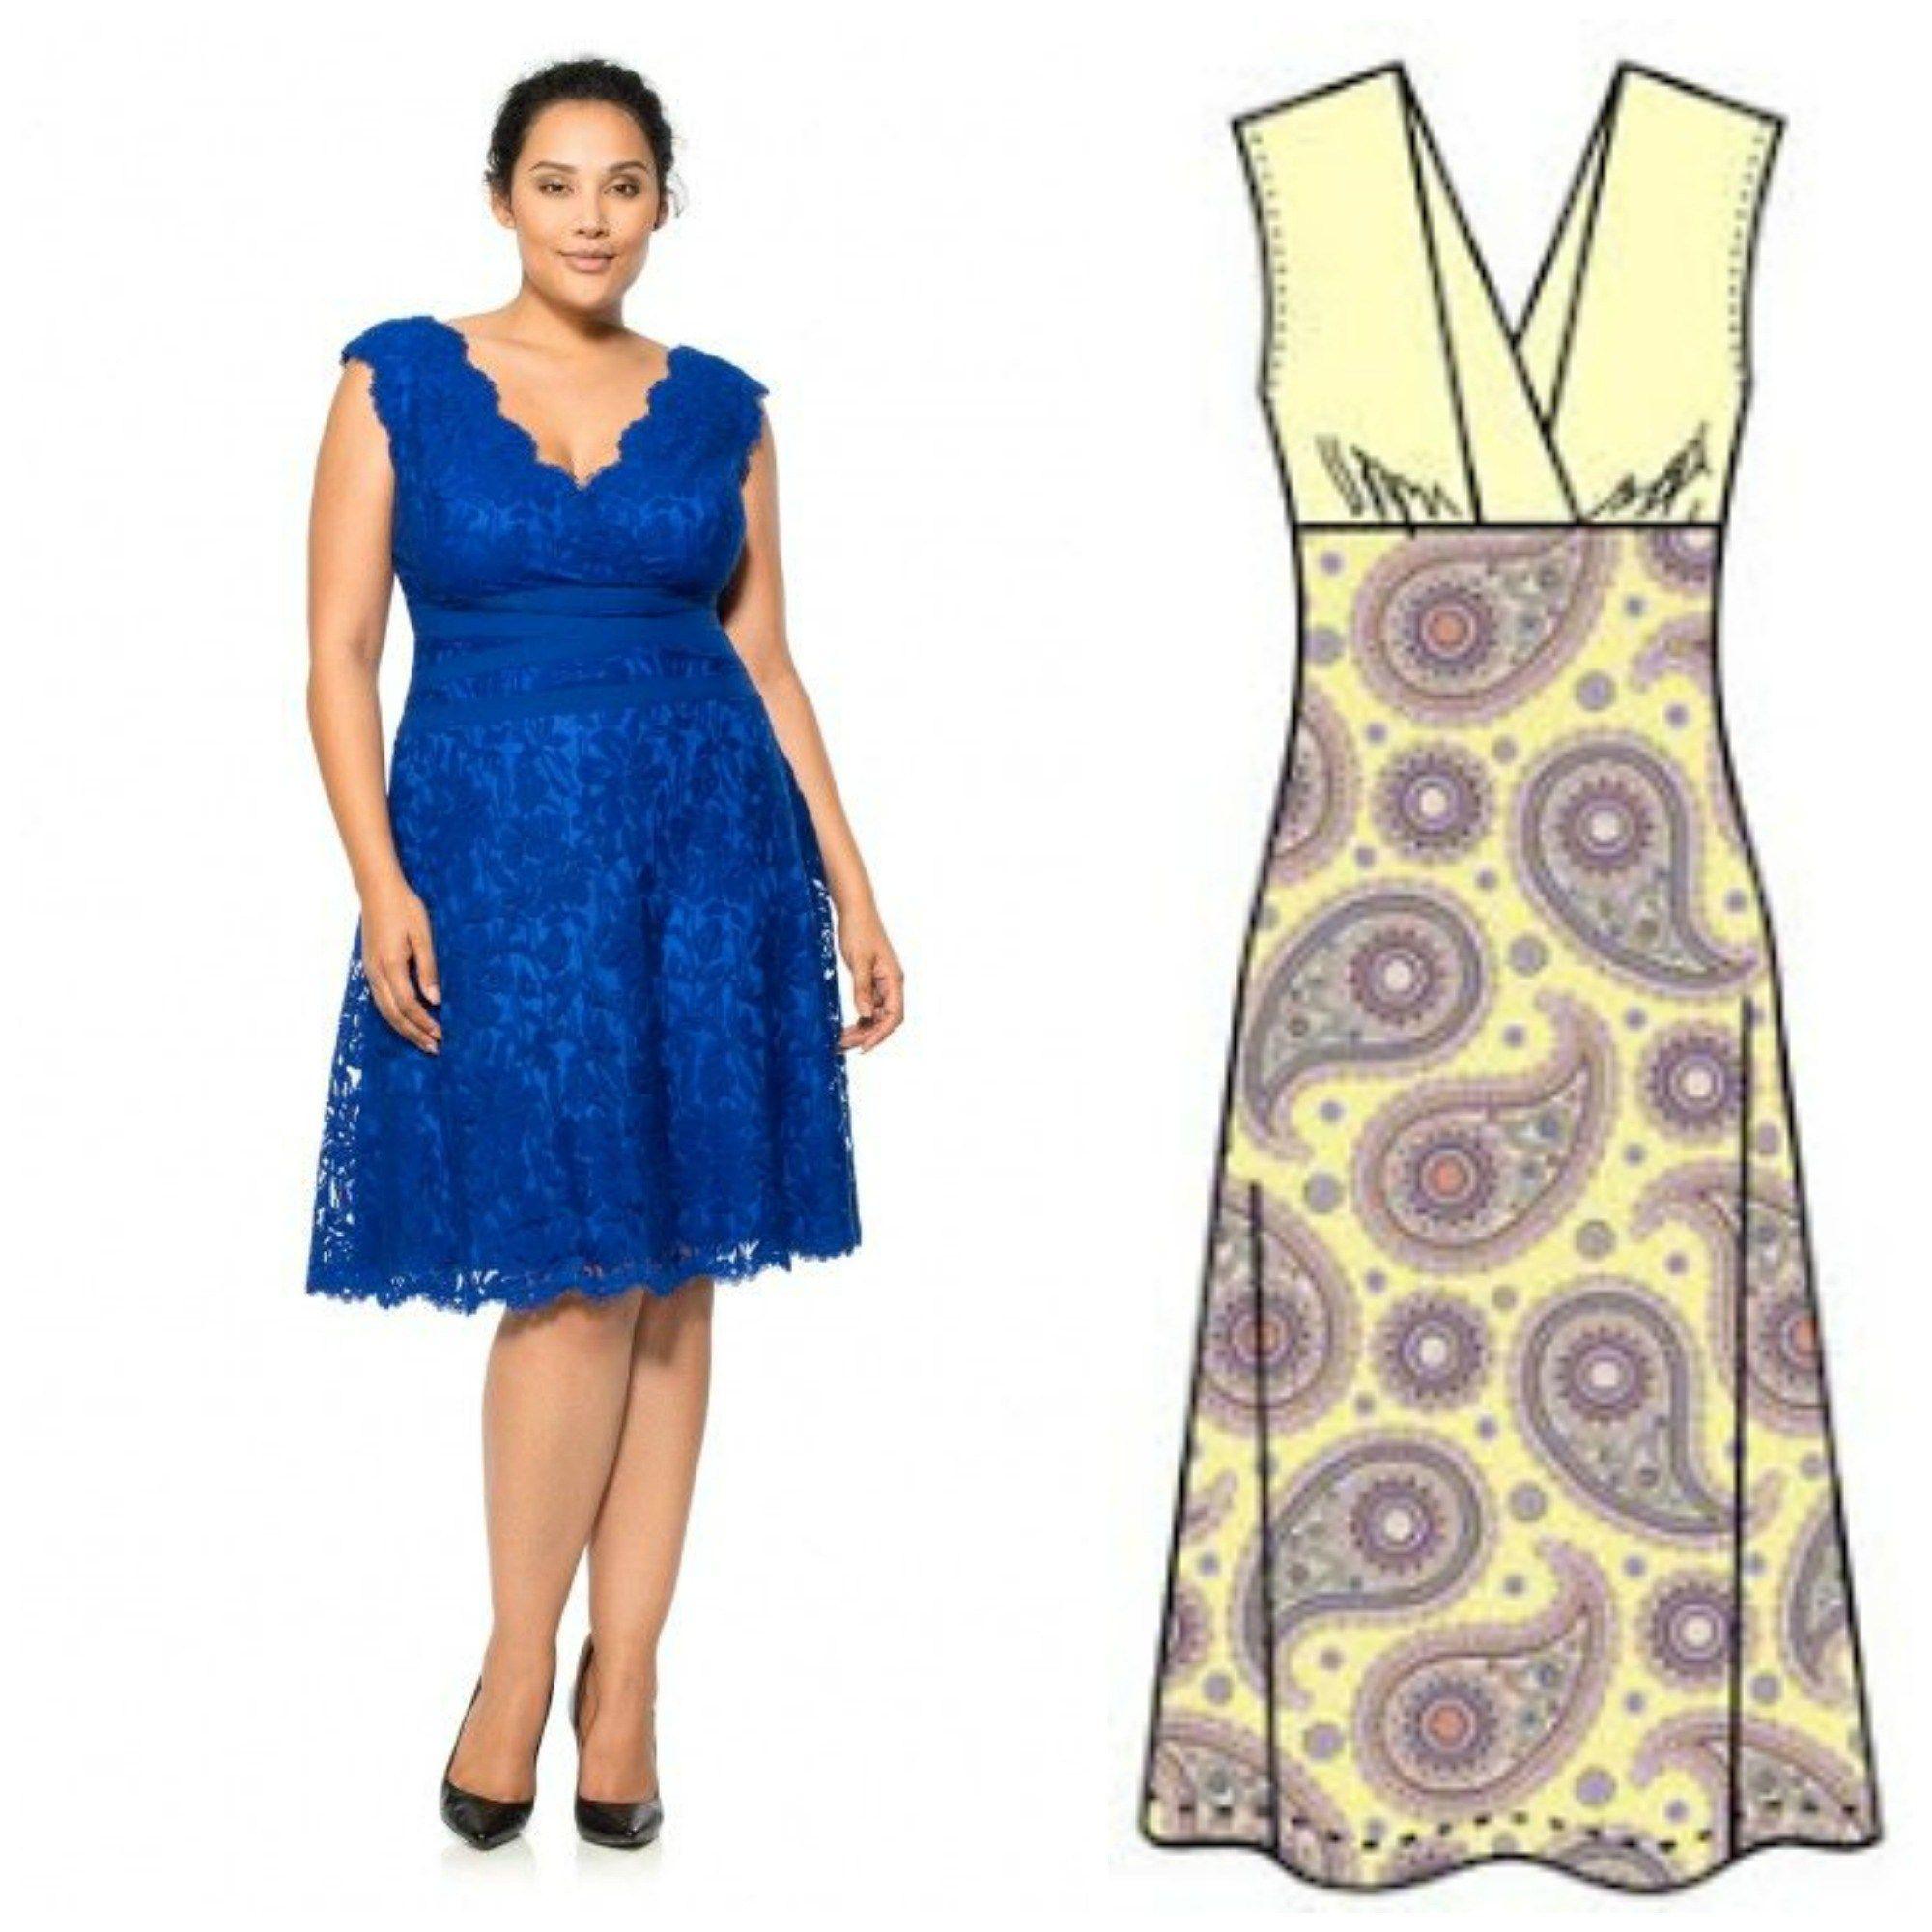 FREE Plus Size Sewing Patterns | Vero moda, Costura y Patrón gratis